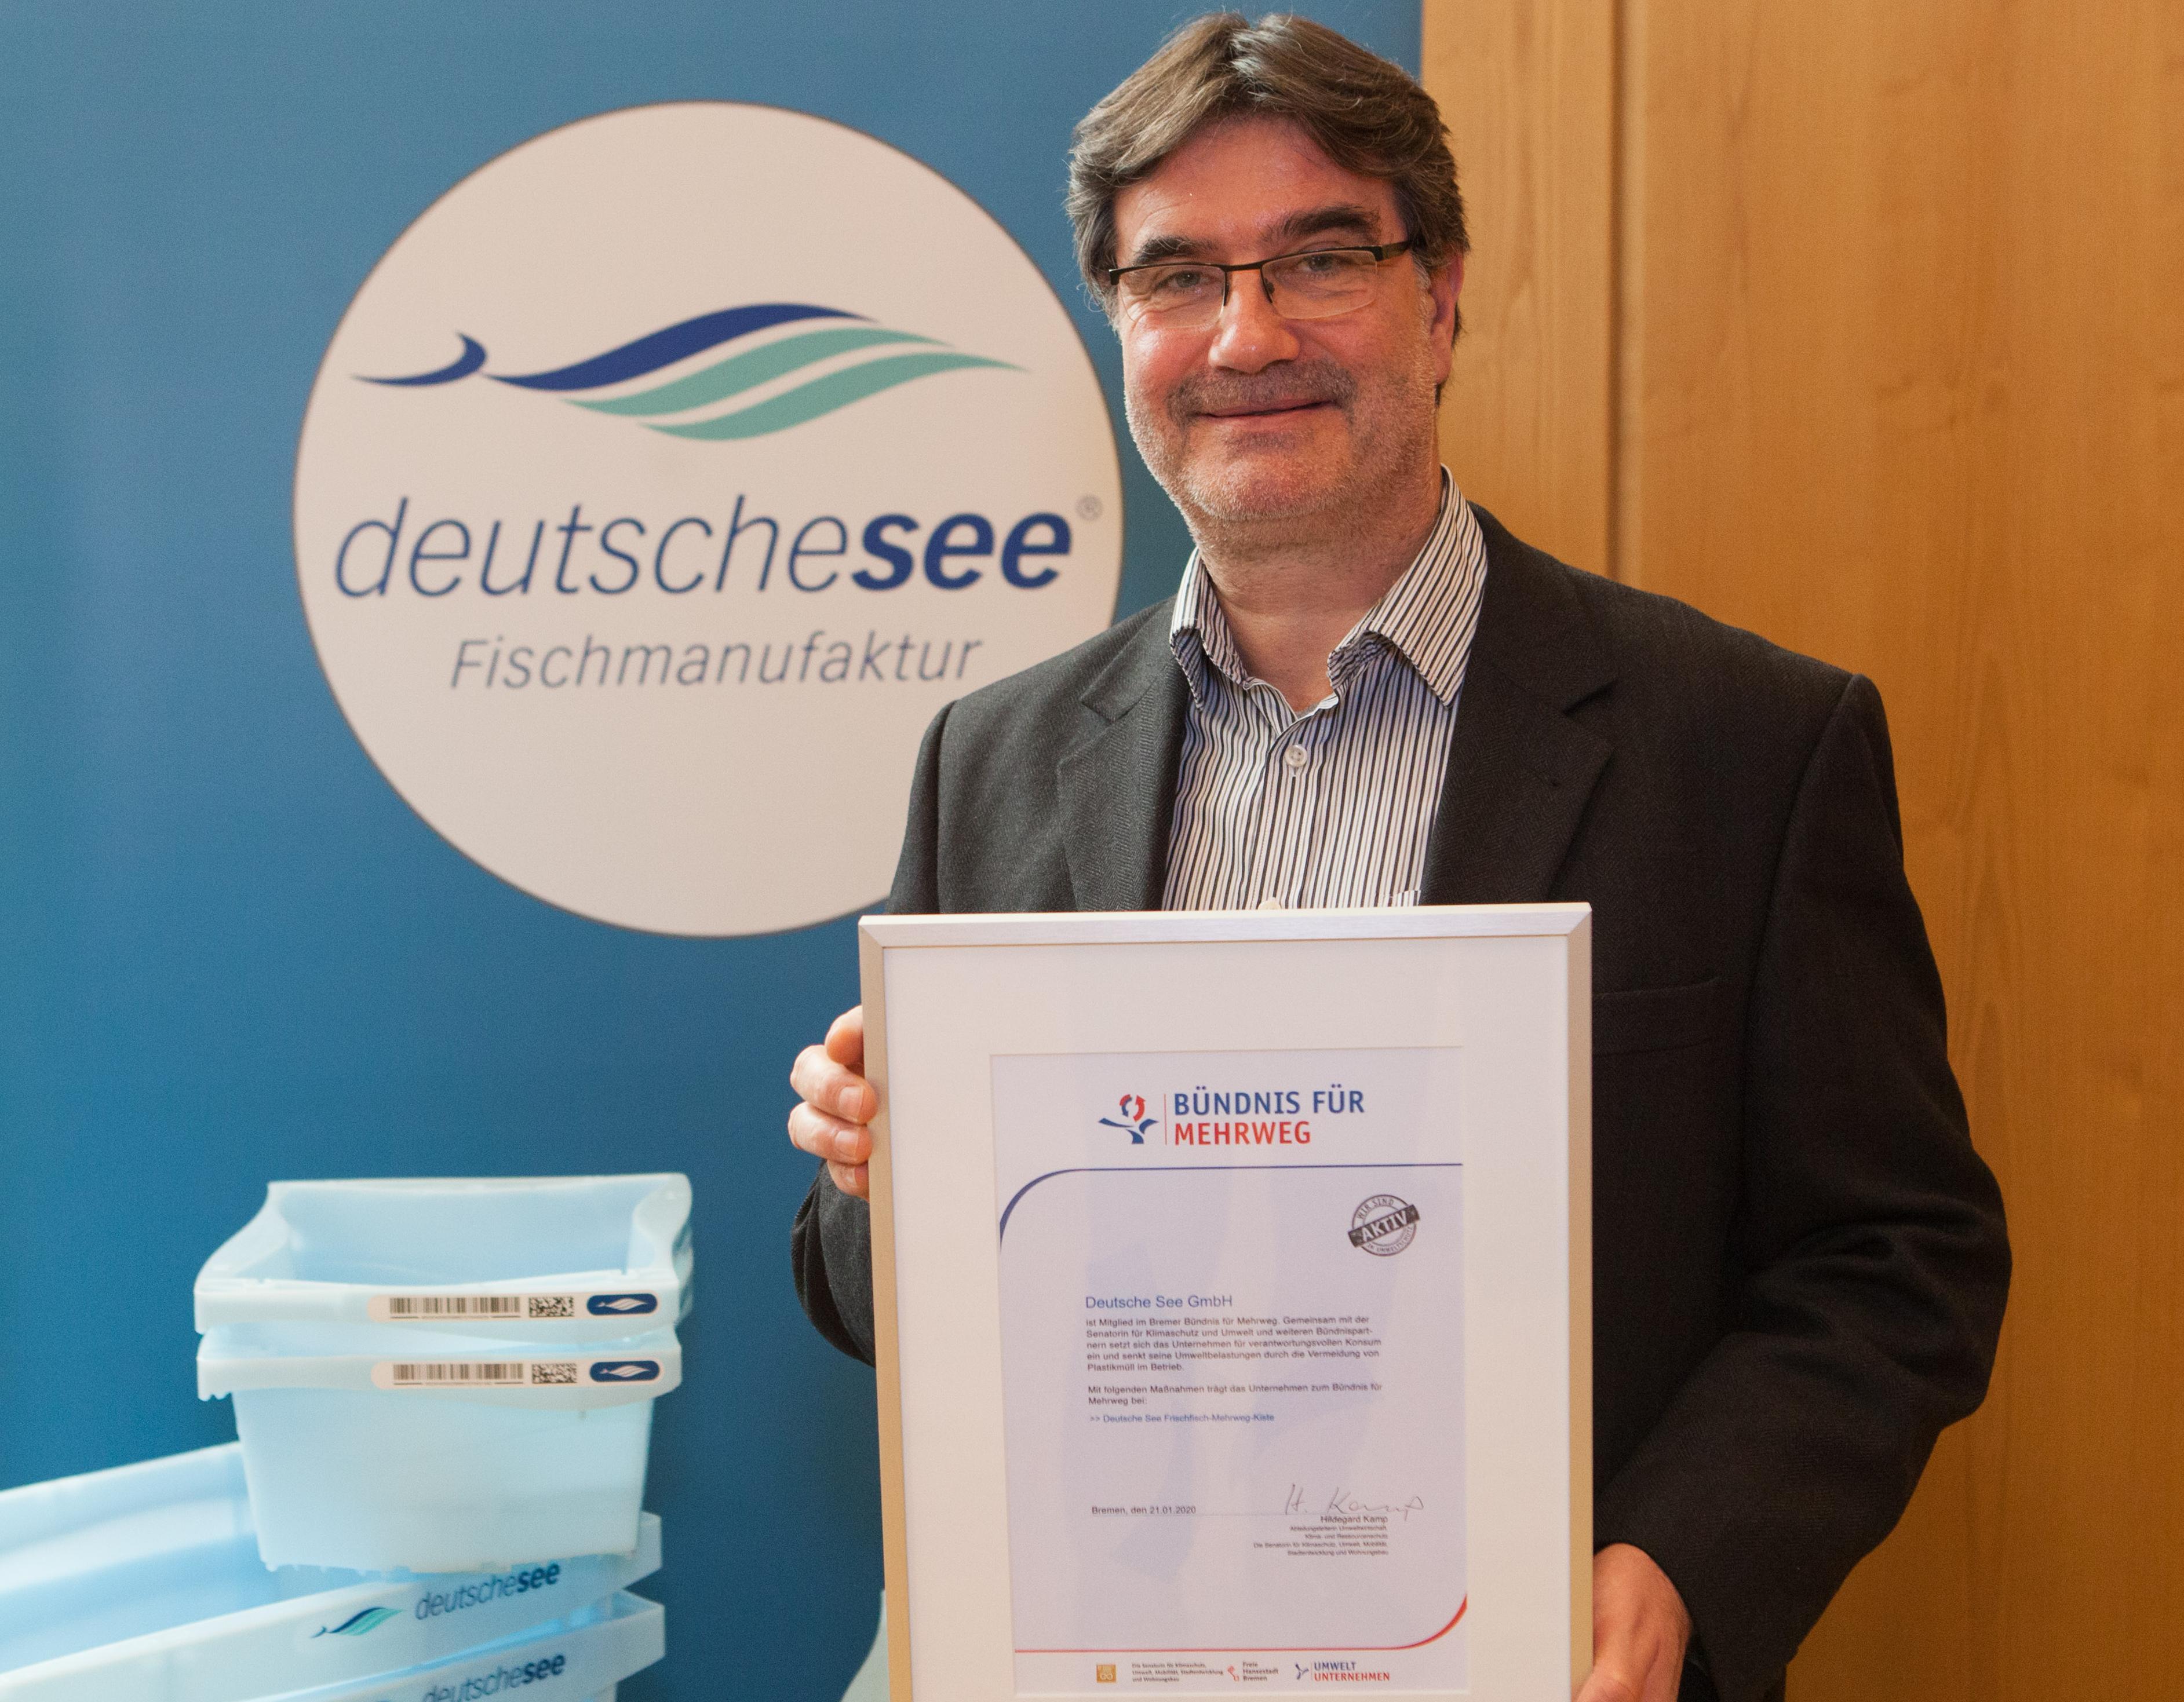 Bündnis für Mehrweg und Deutsche See